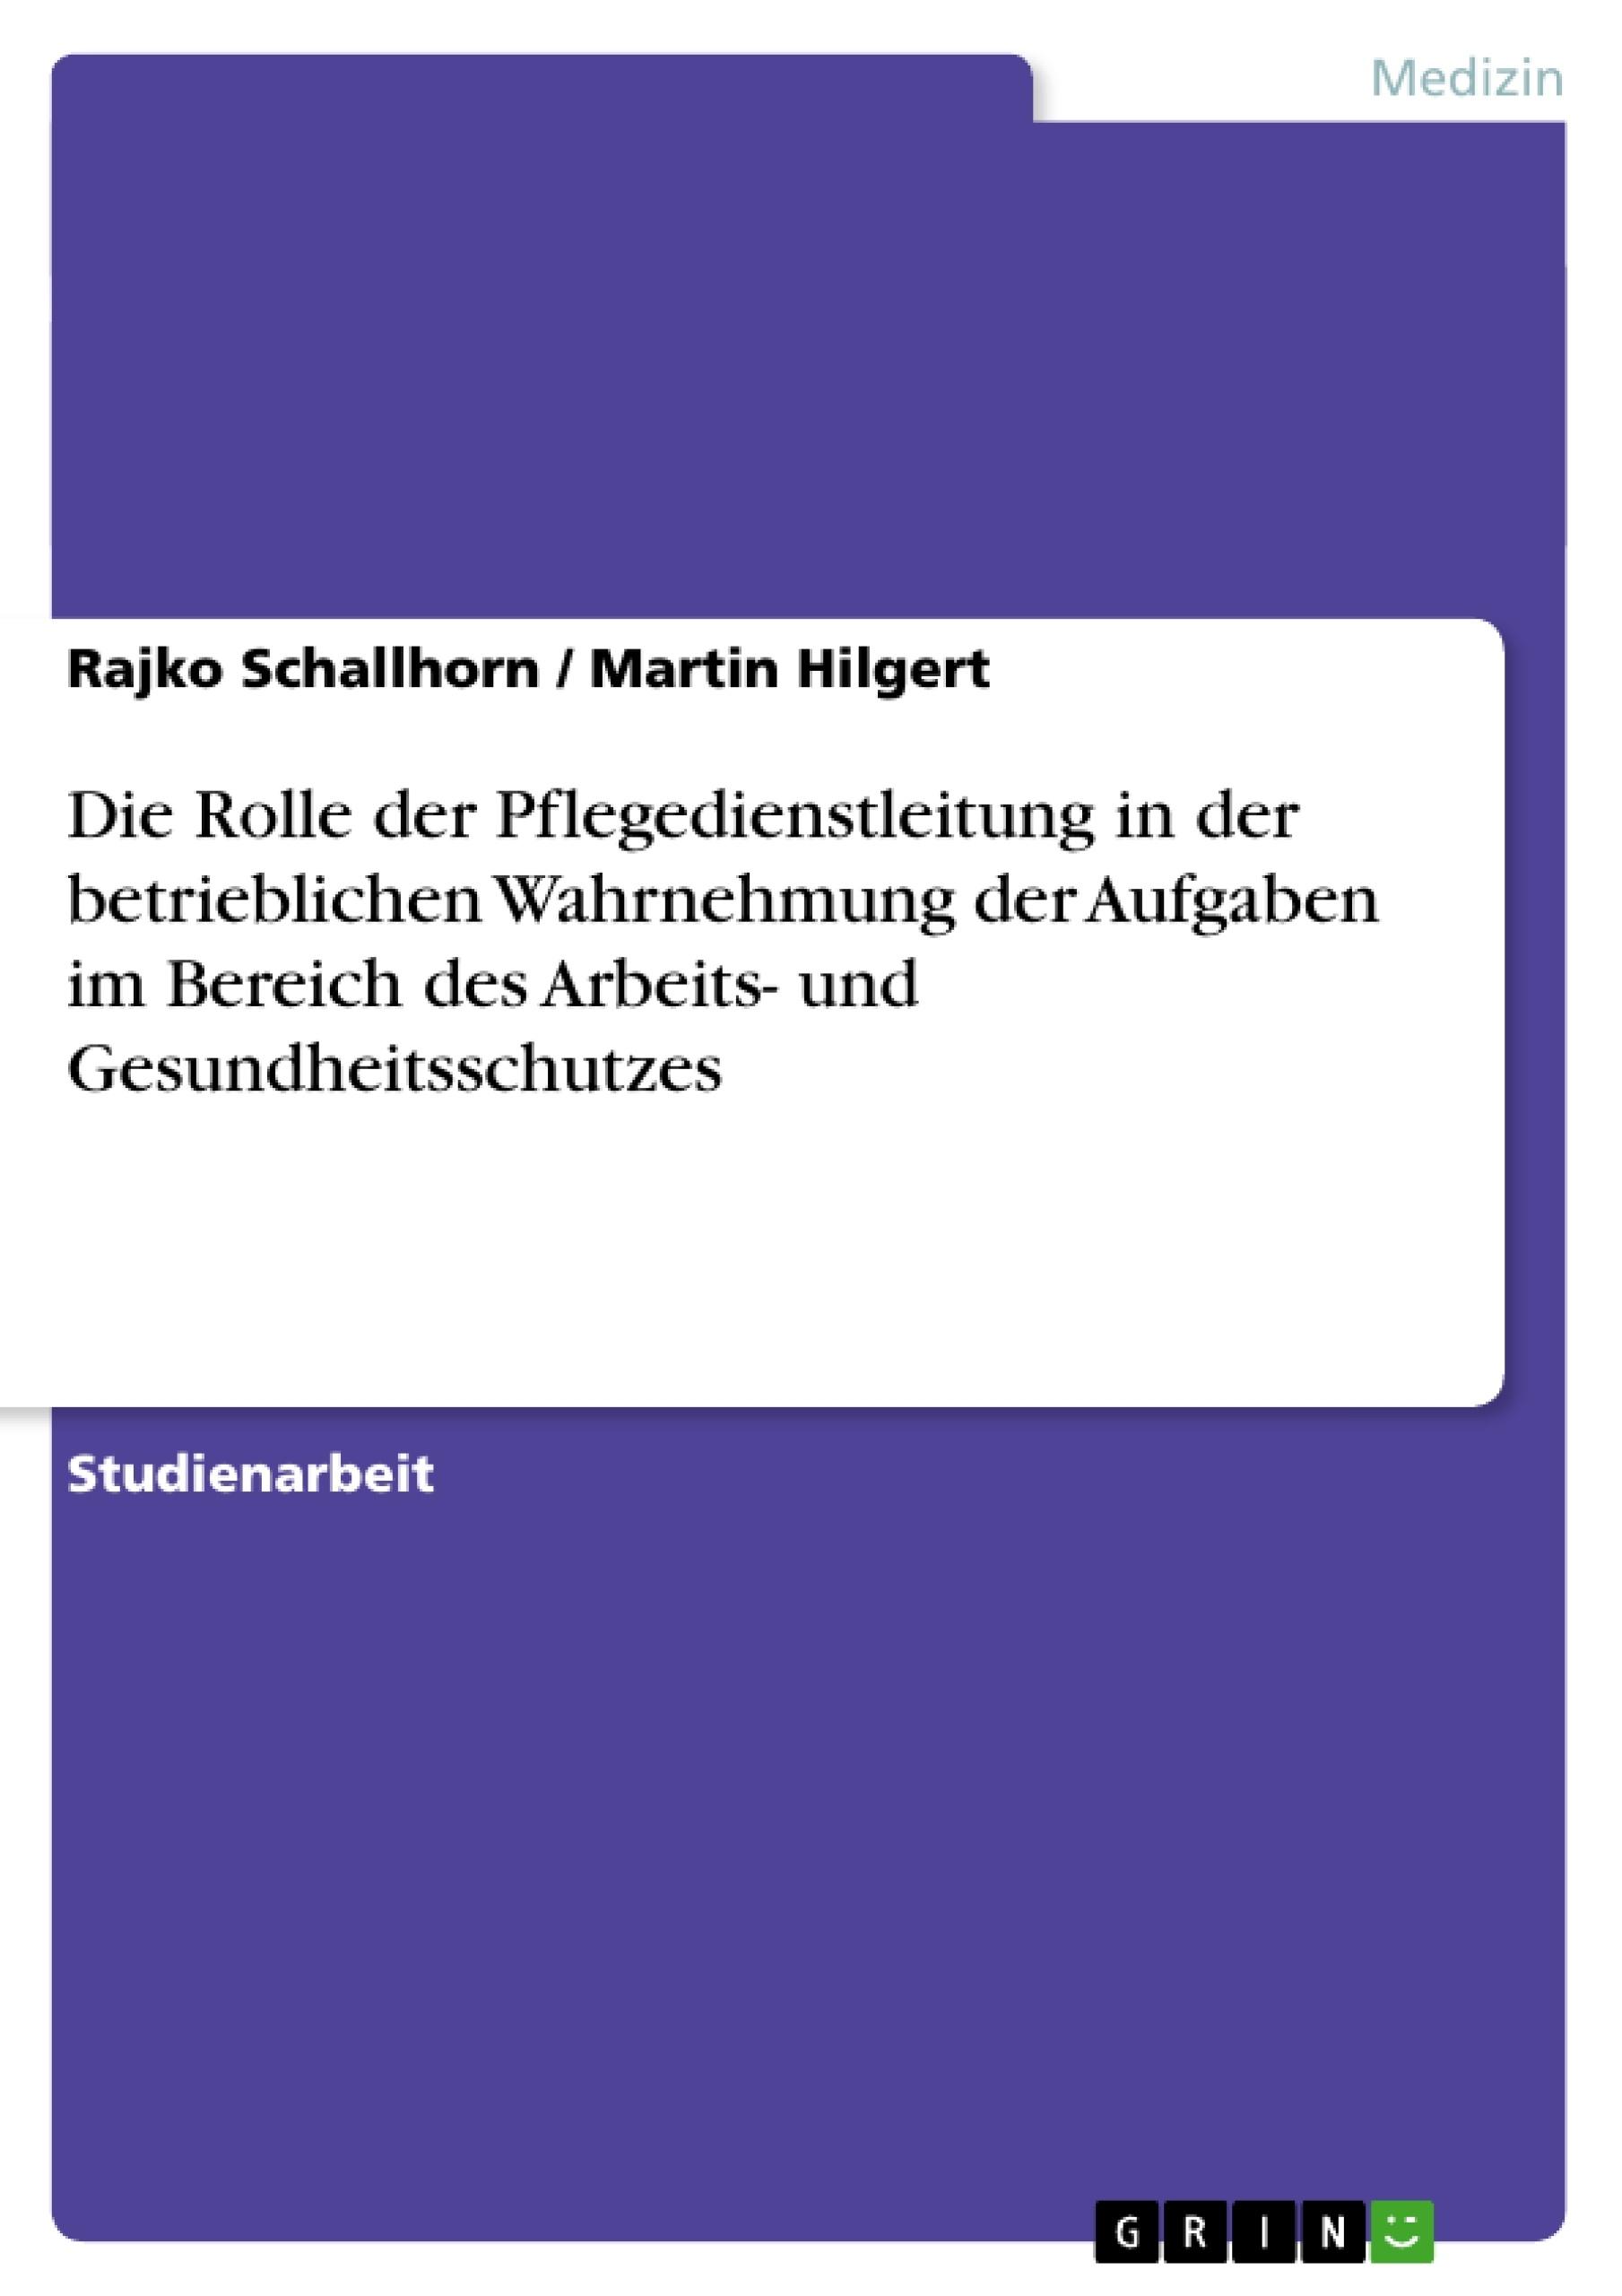 Titel: Die Rolle der Pflegedienstleitung in der betrieblichen Wahrnehmung der Aufgaben im Bereich des Arbeits- und Gesundheitsschutzes